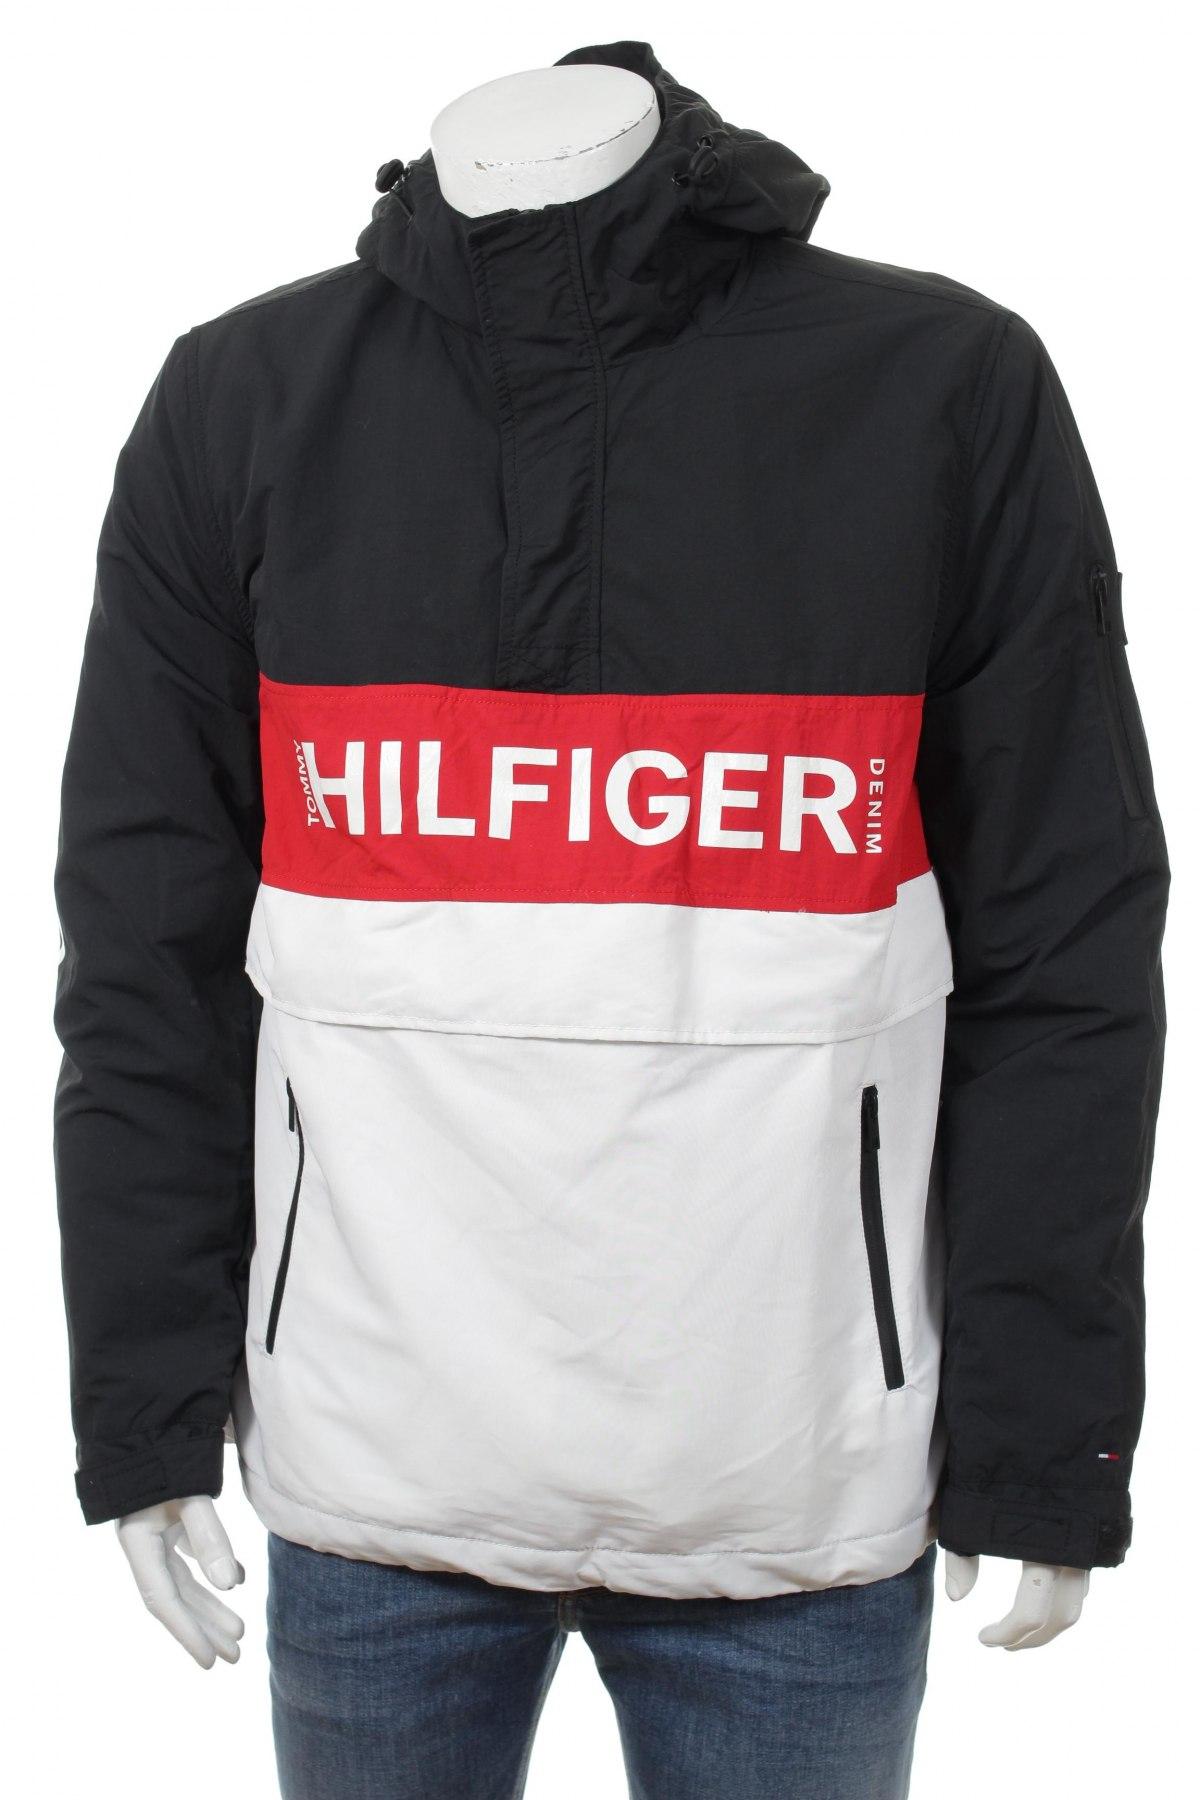 21519da3155 Pánska športová bunda Tommy Hilfiger - za výhodnú cenu na Remix ...